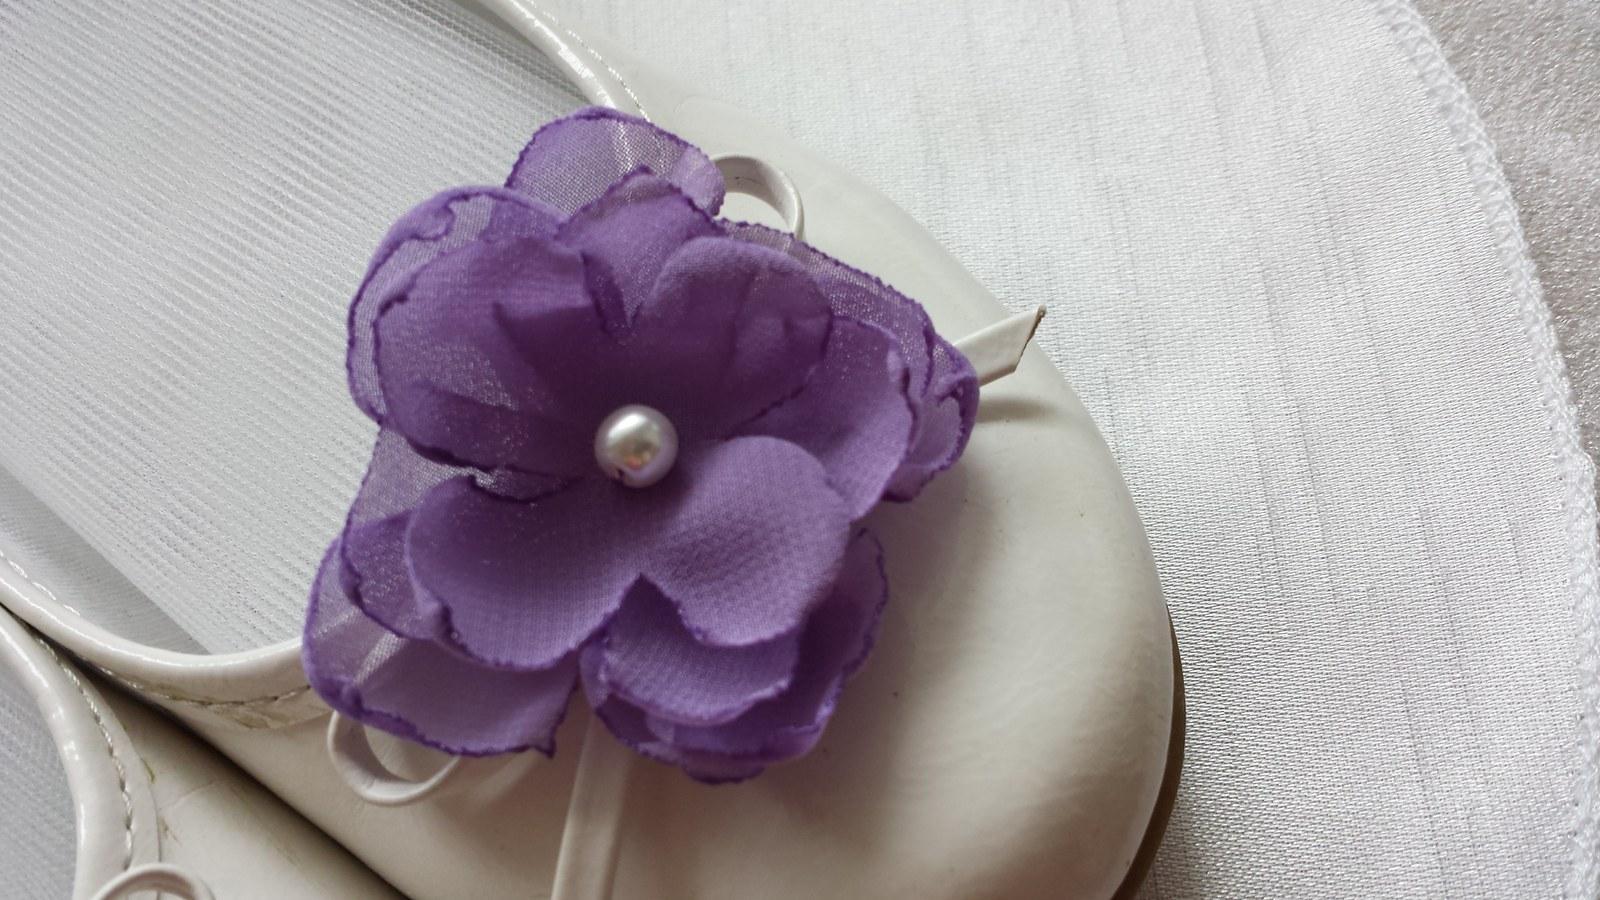 Klipy na boty pro nevěstu - fialový kvítek - Obrázek č. 1